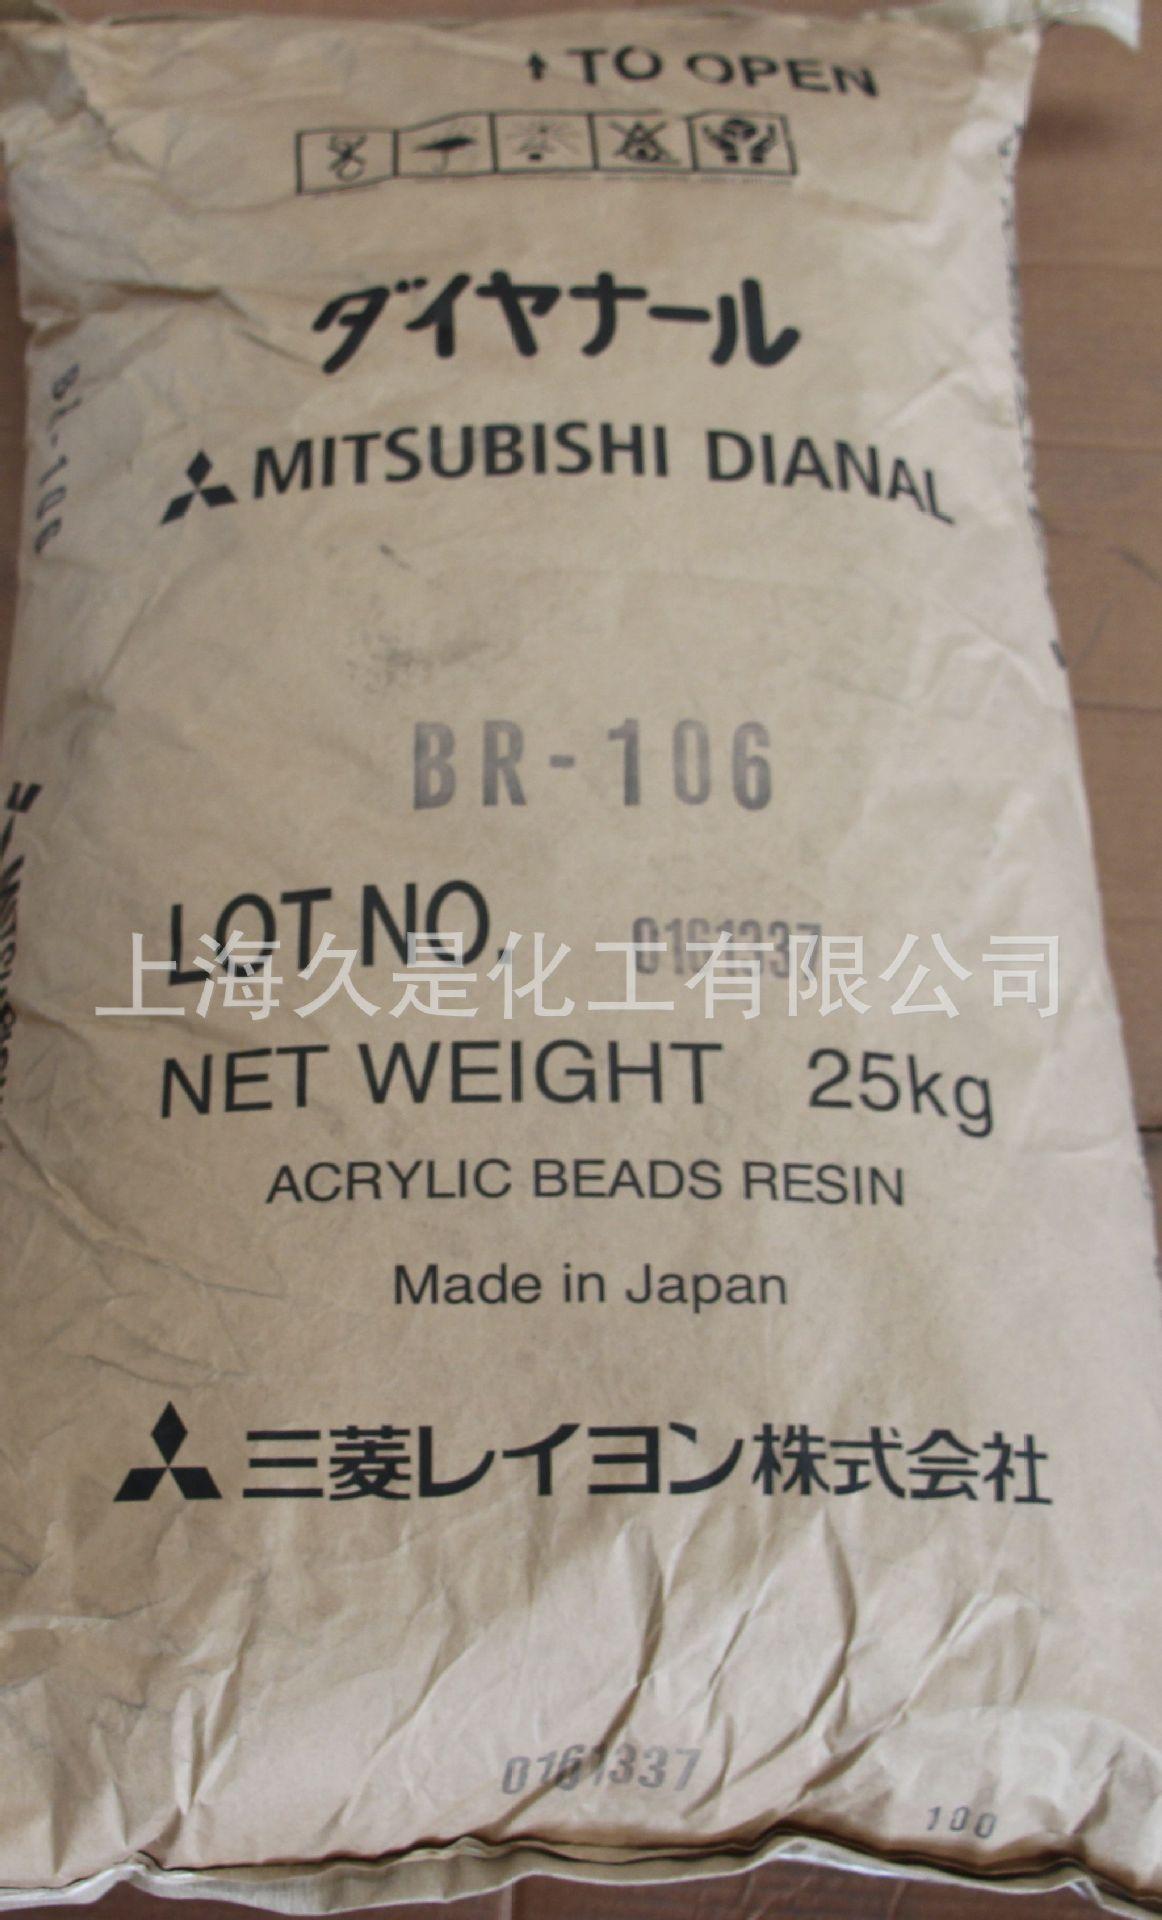 BR-106包装101